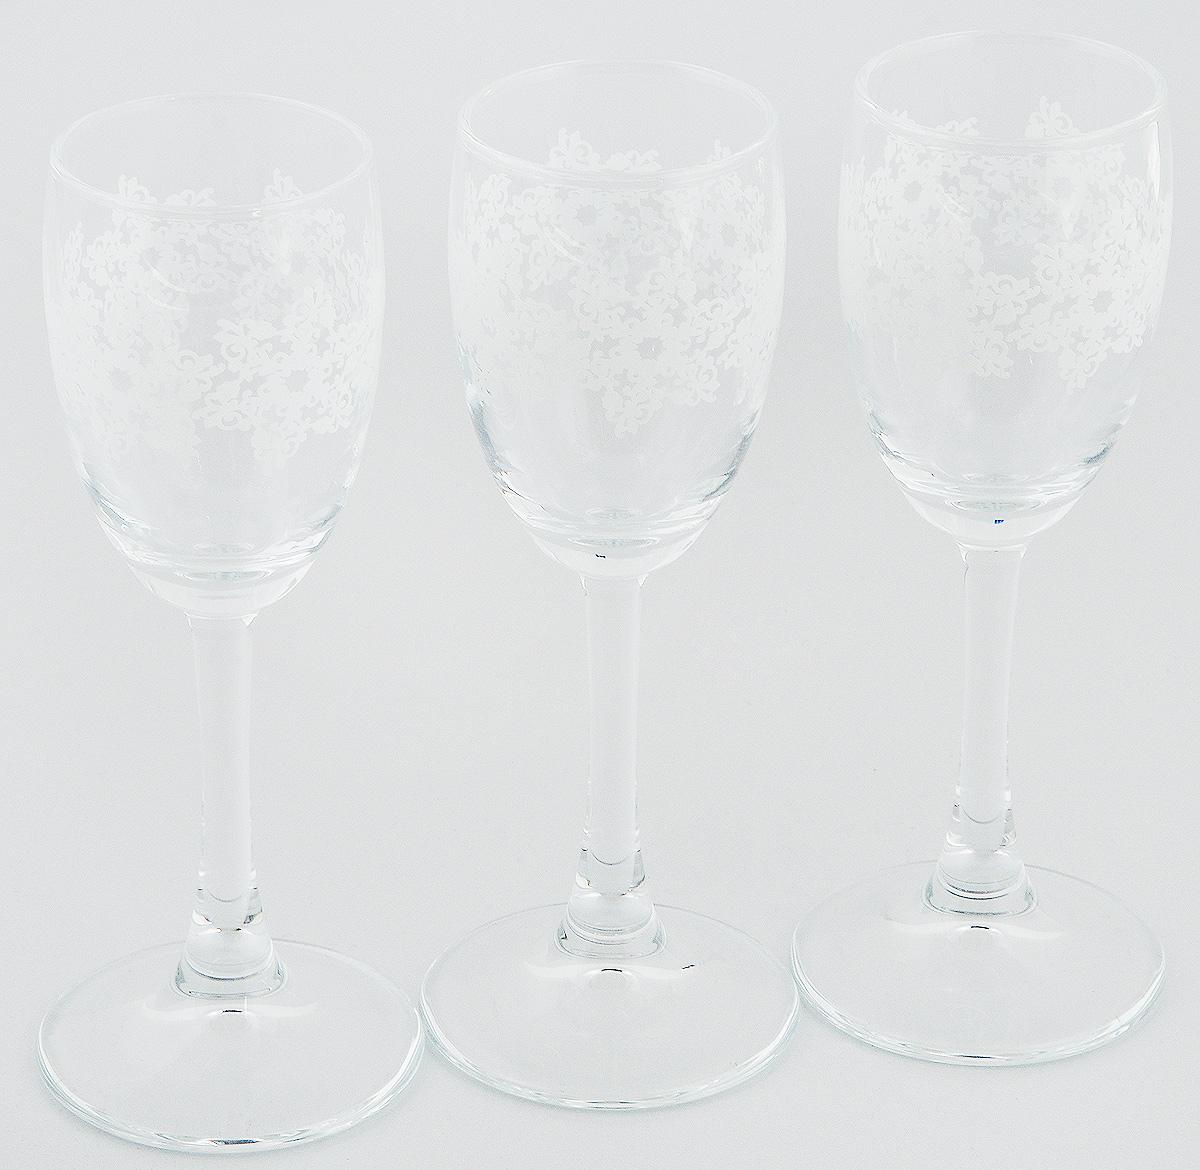 Набор рюмок Pasabahce Workshop Барокко, 60 мл, 3 шт440043B/BBНабор Pasabahce Workshop Барокко состоит из 3 рюмок, изготовленных из прочного натрий-кальций-силикатного стекла. Изделия, предназначенные для подачи ликера и других спиртных напитков, несомненно придутся вам по душе. Рюмки сочетают в себе элегантный дизайн и функциональность. Набор рюмок Pasabahce Workshop Барокко идеально подойдет для сервировки стола и станет отличным подарком к любому празднику.Диаметр рюмки по верхнему краю: 4 см. Высота рюмки: 14 см.